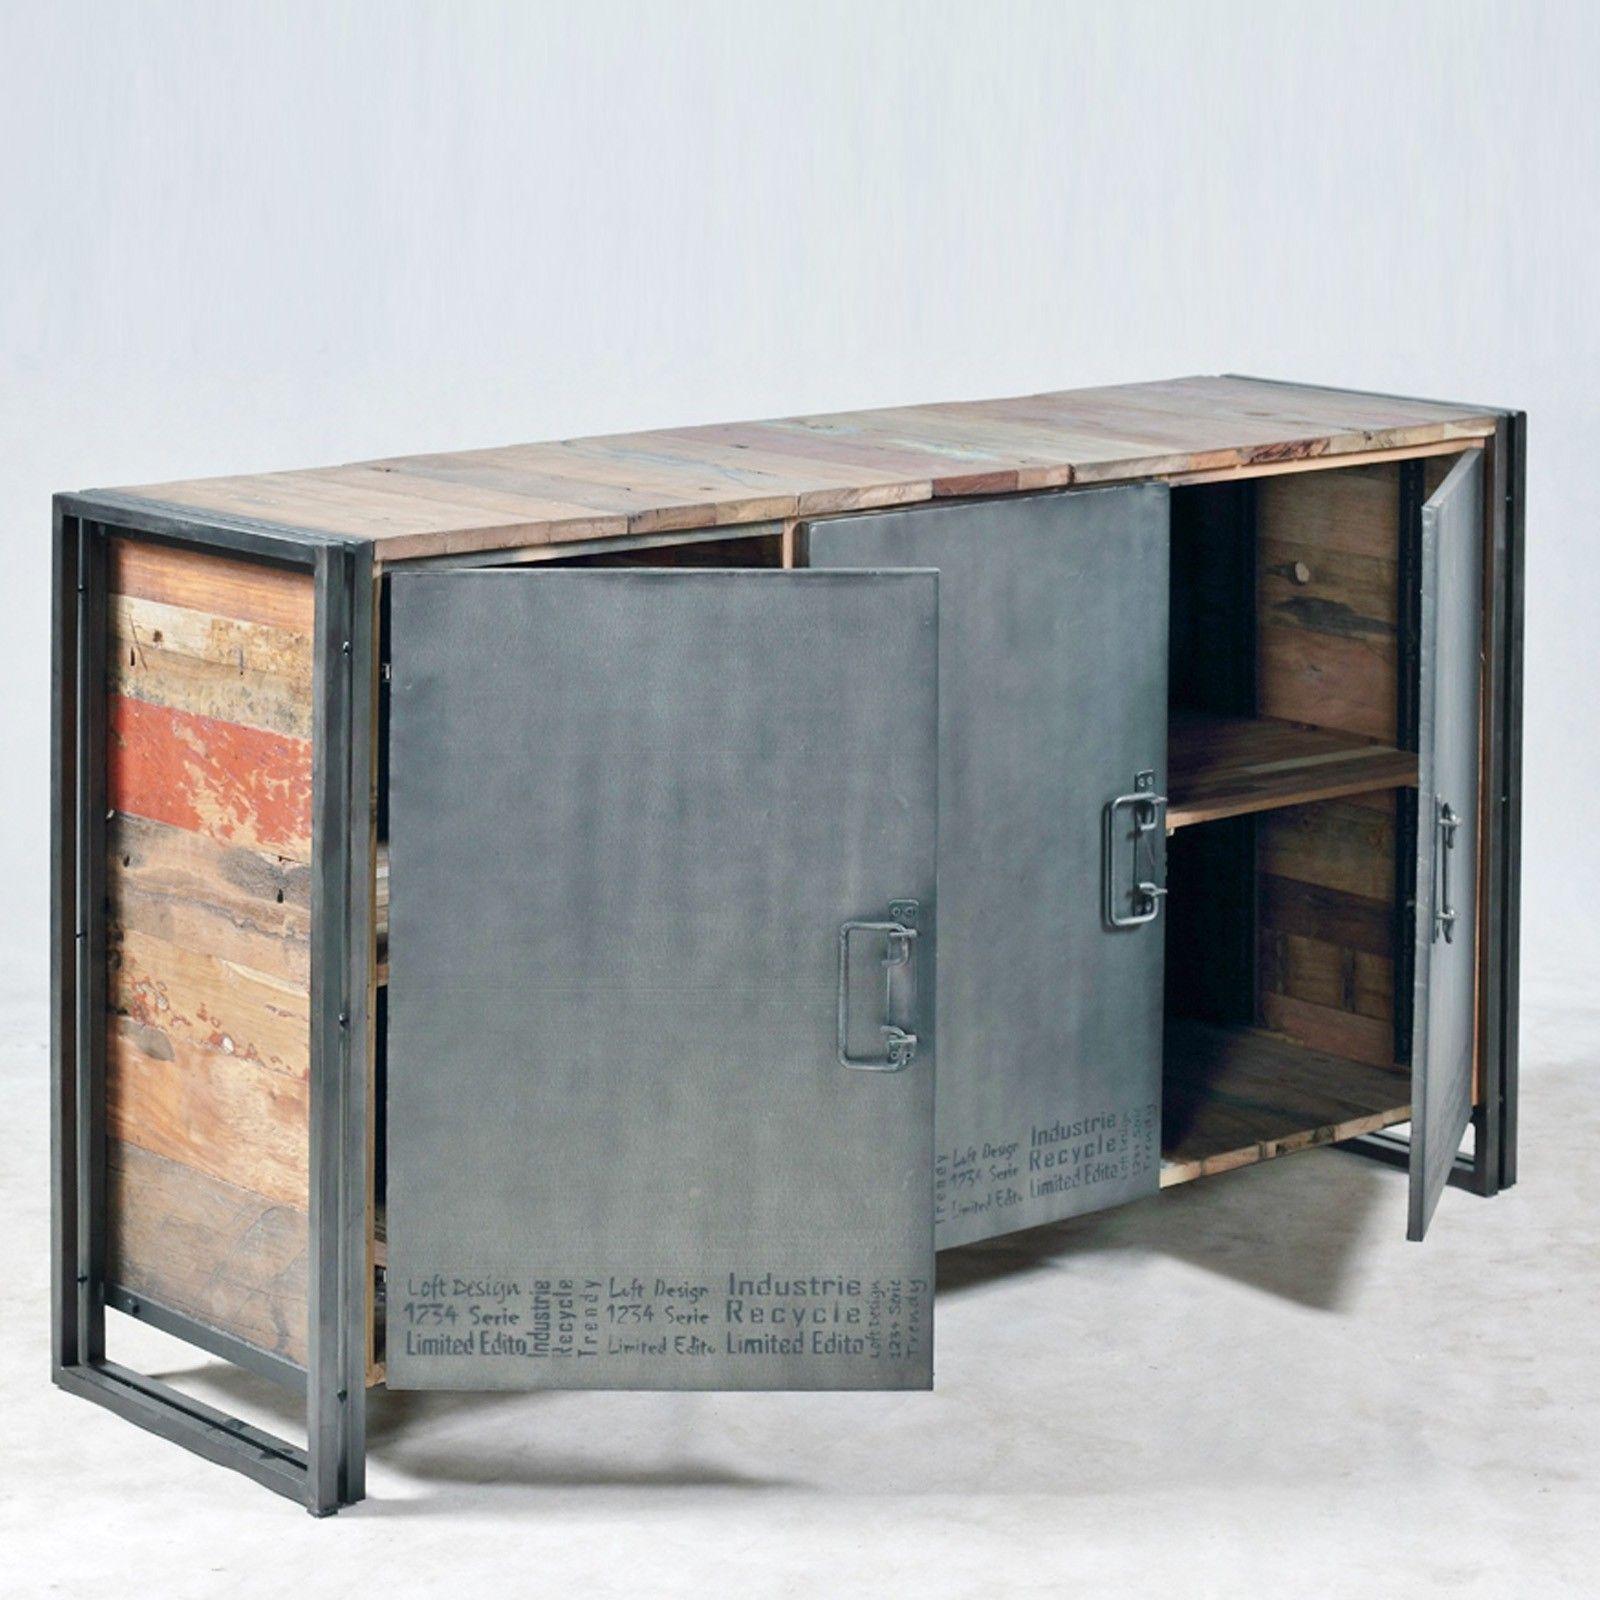 Mobilier Loft Industriel Buffet Trois Portes Edition Originale Modele Ed193 Plateau En Bois De Bateaux Avec Images Commode Design Mobilier De Salon Meubles Industriels